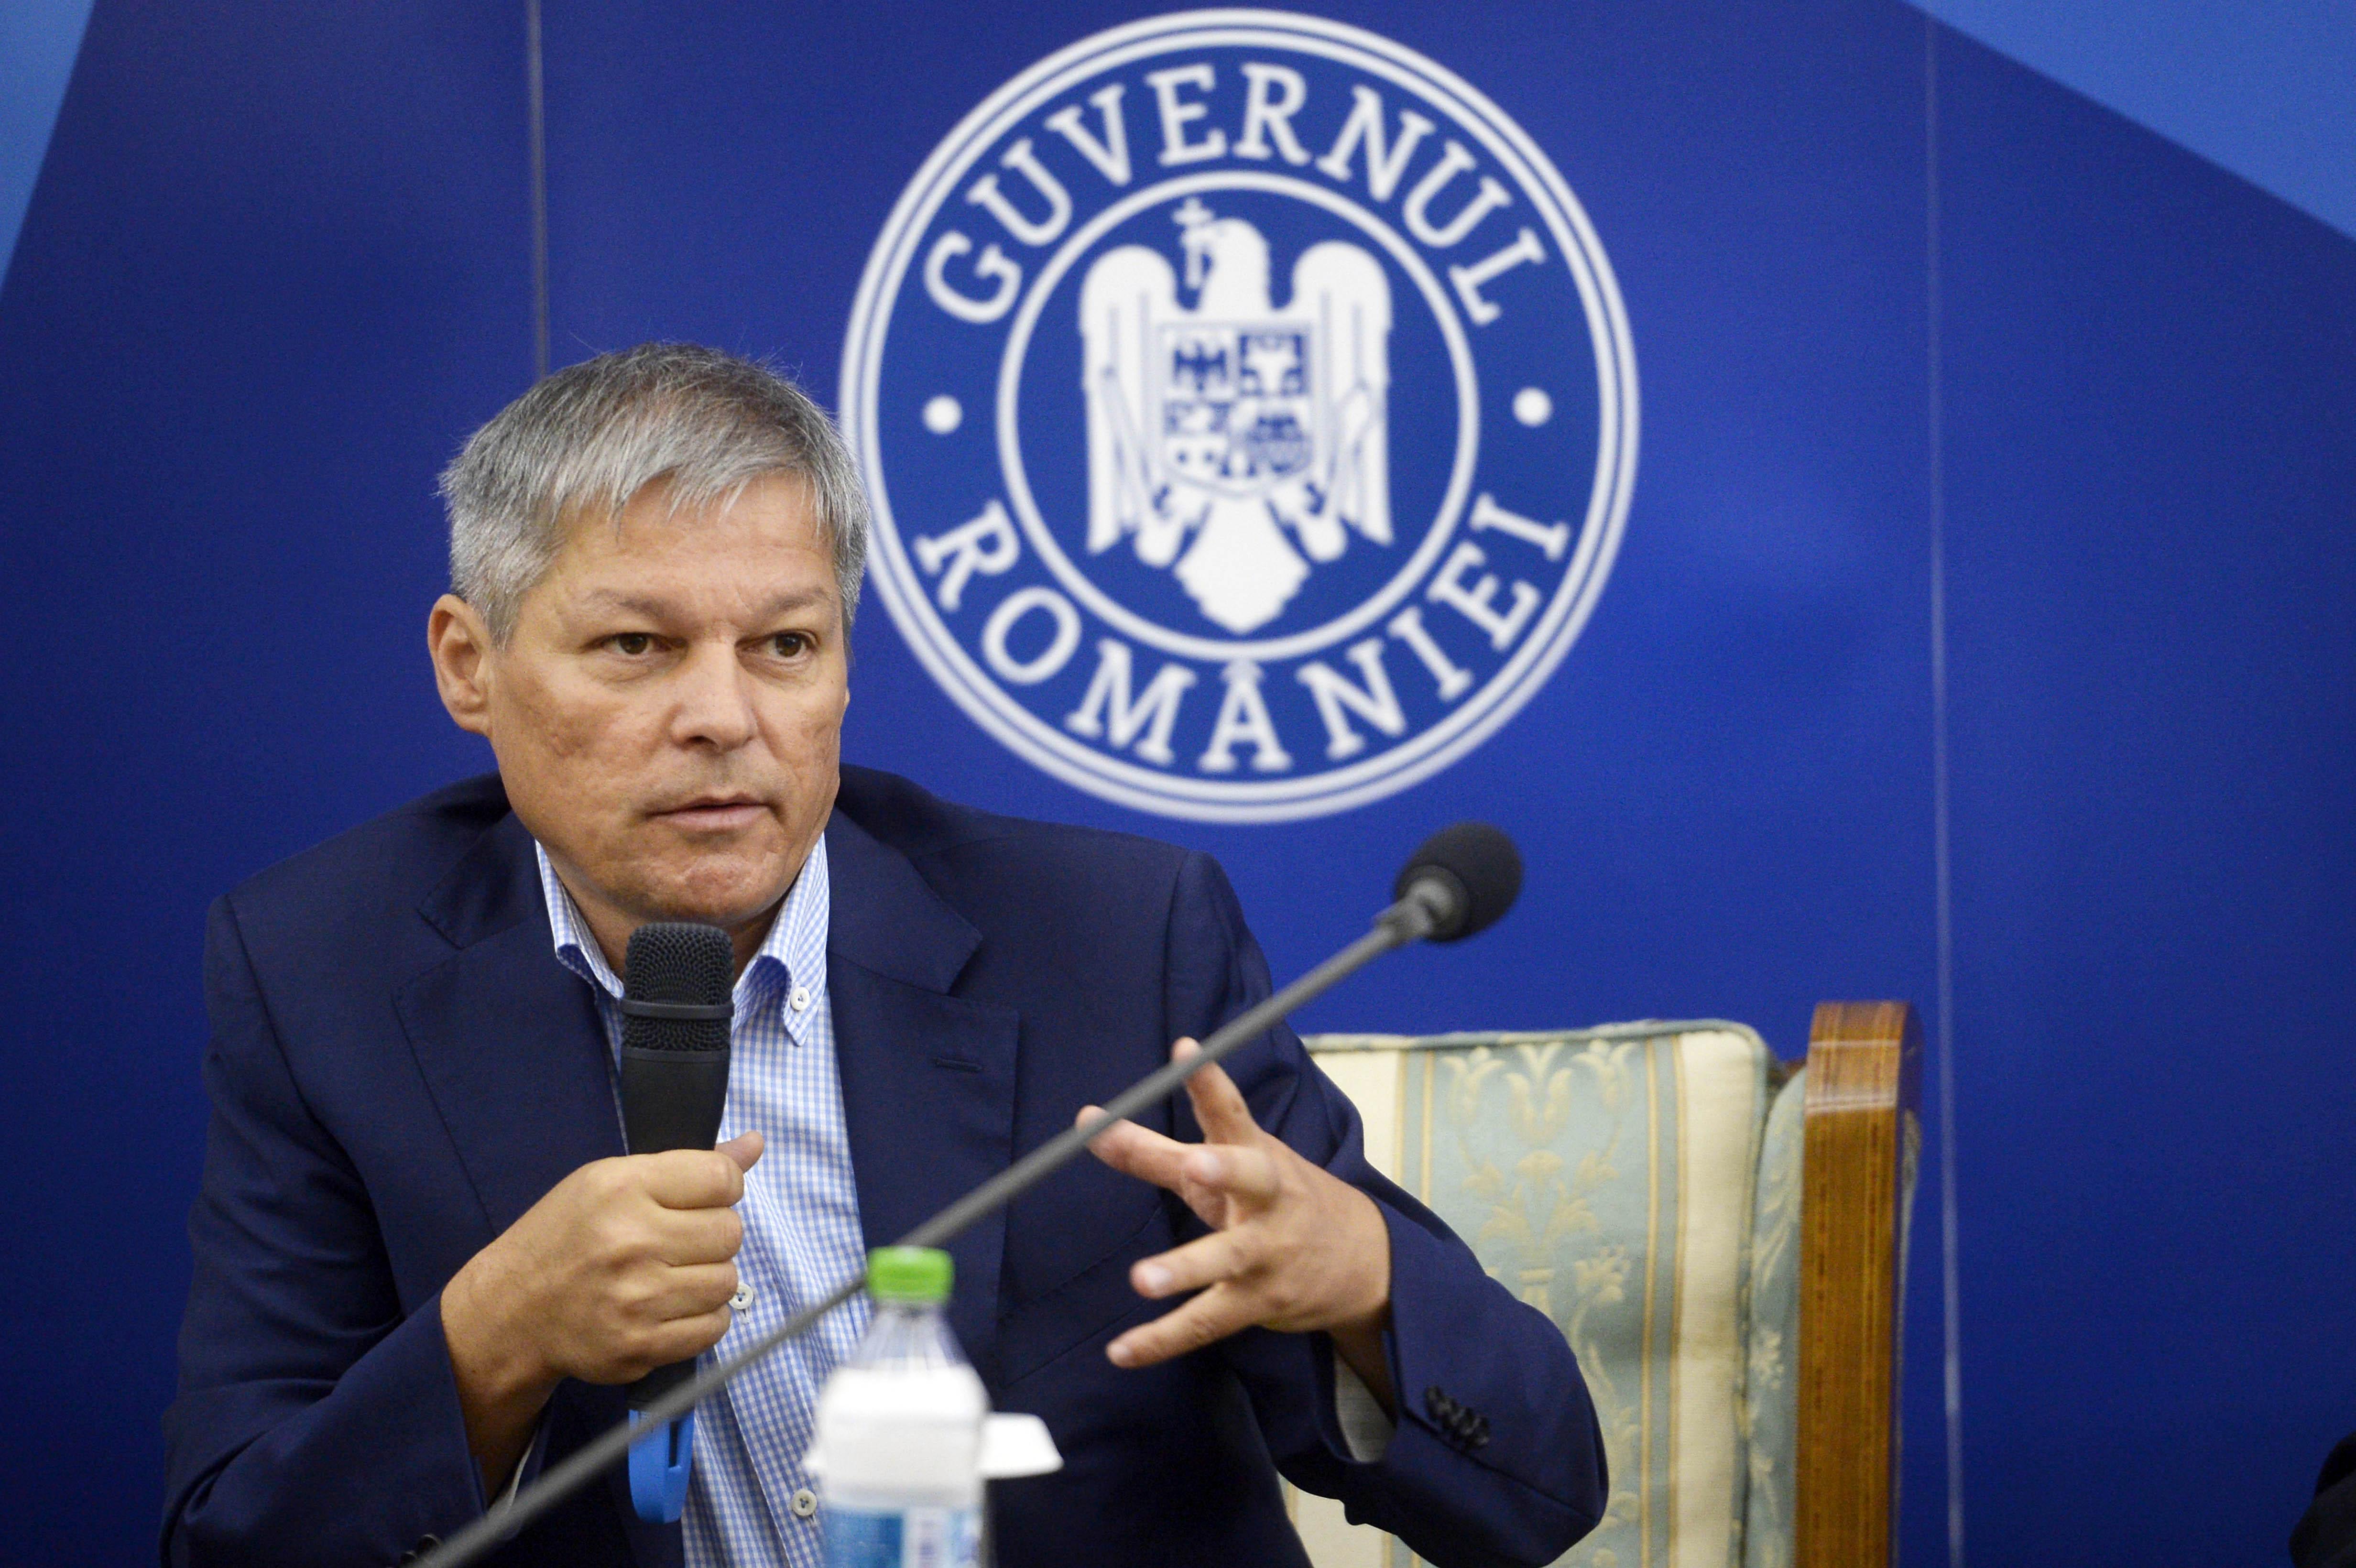 Premierul Cioloş şi ministrul Muncii se află în Italia unde se întâlnesc cu românii răniţi în cutremur